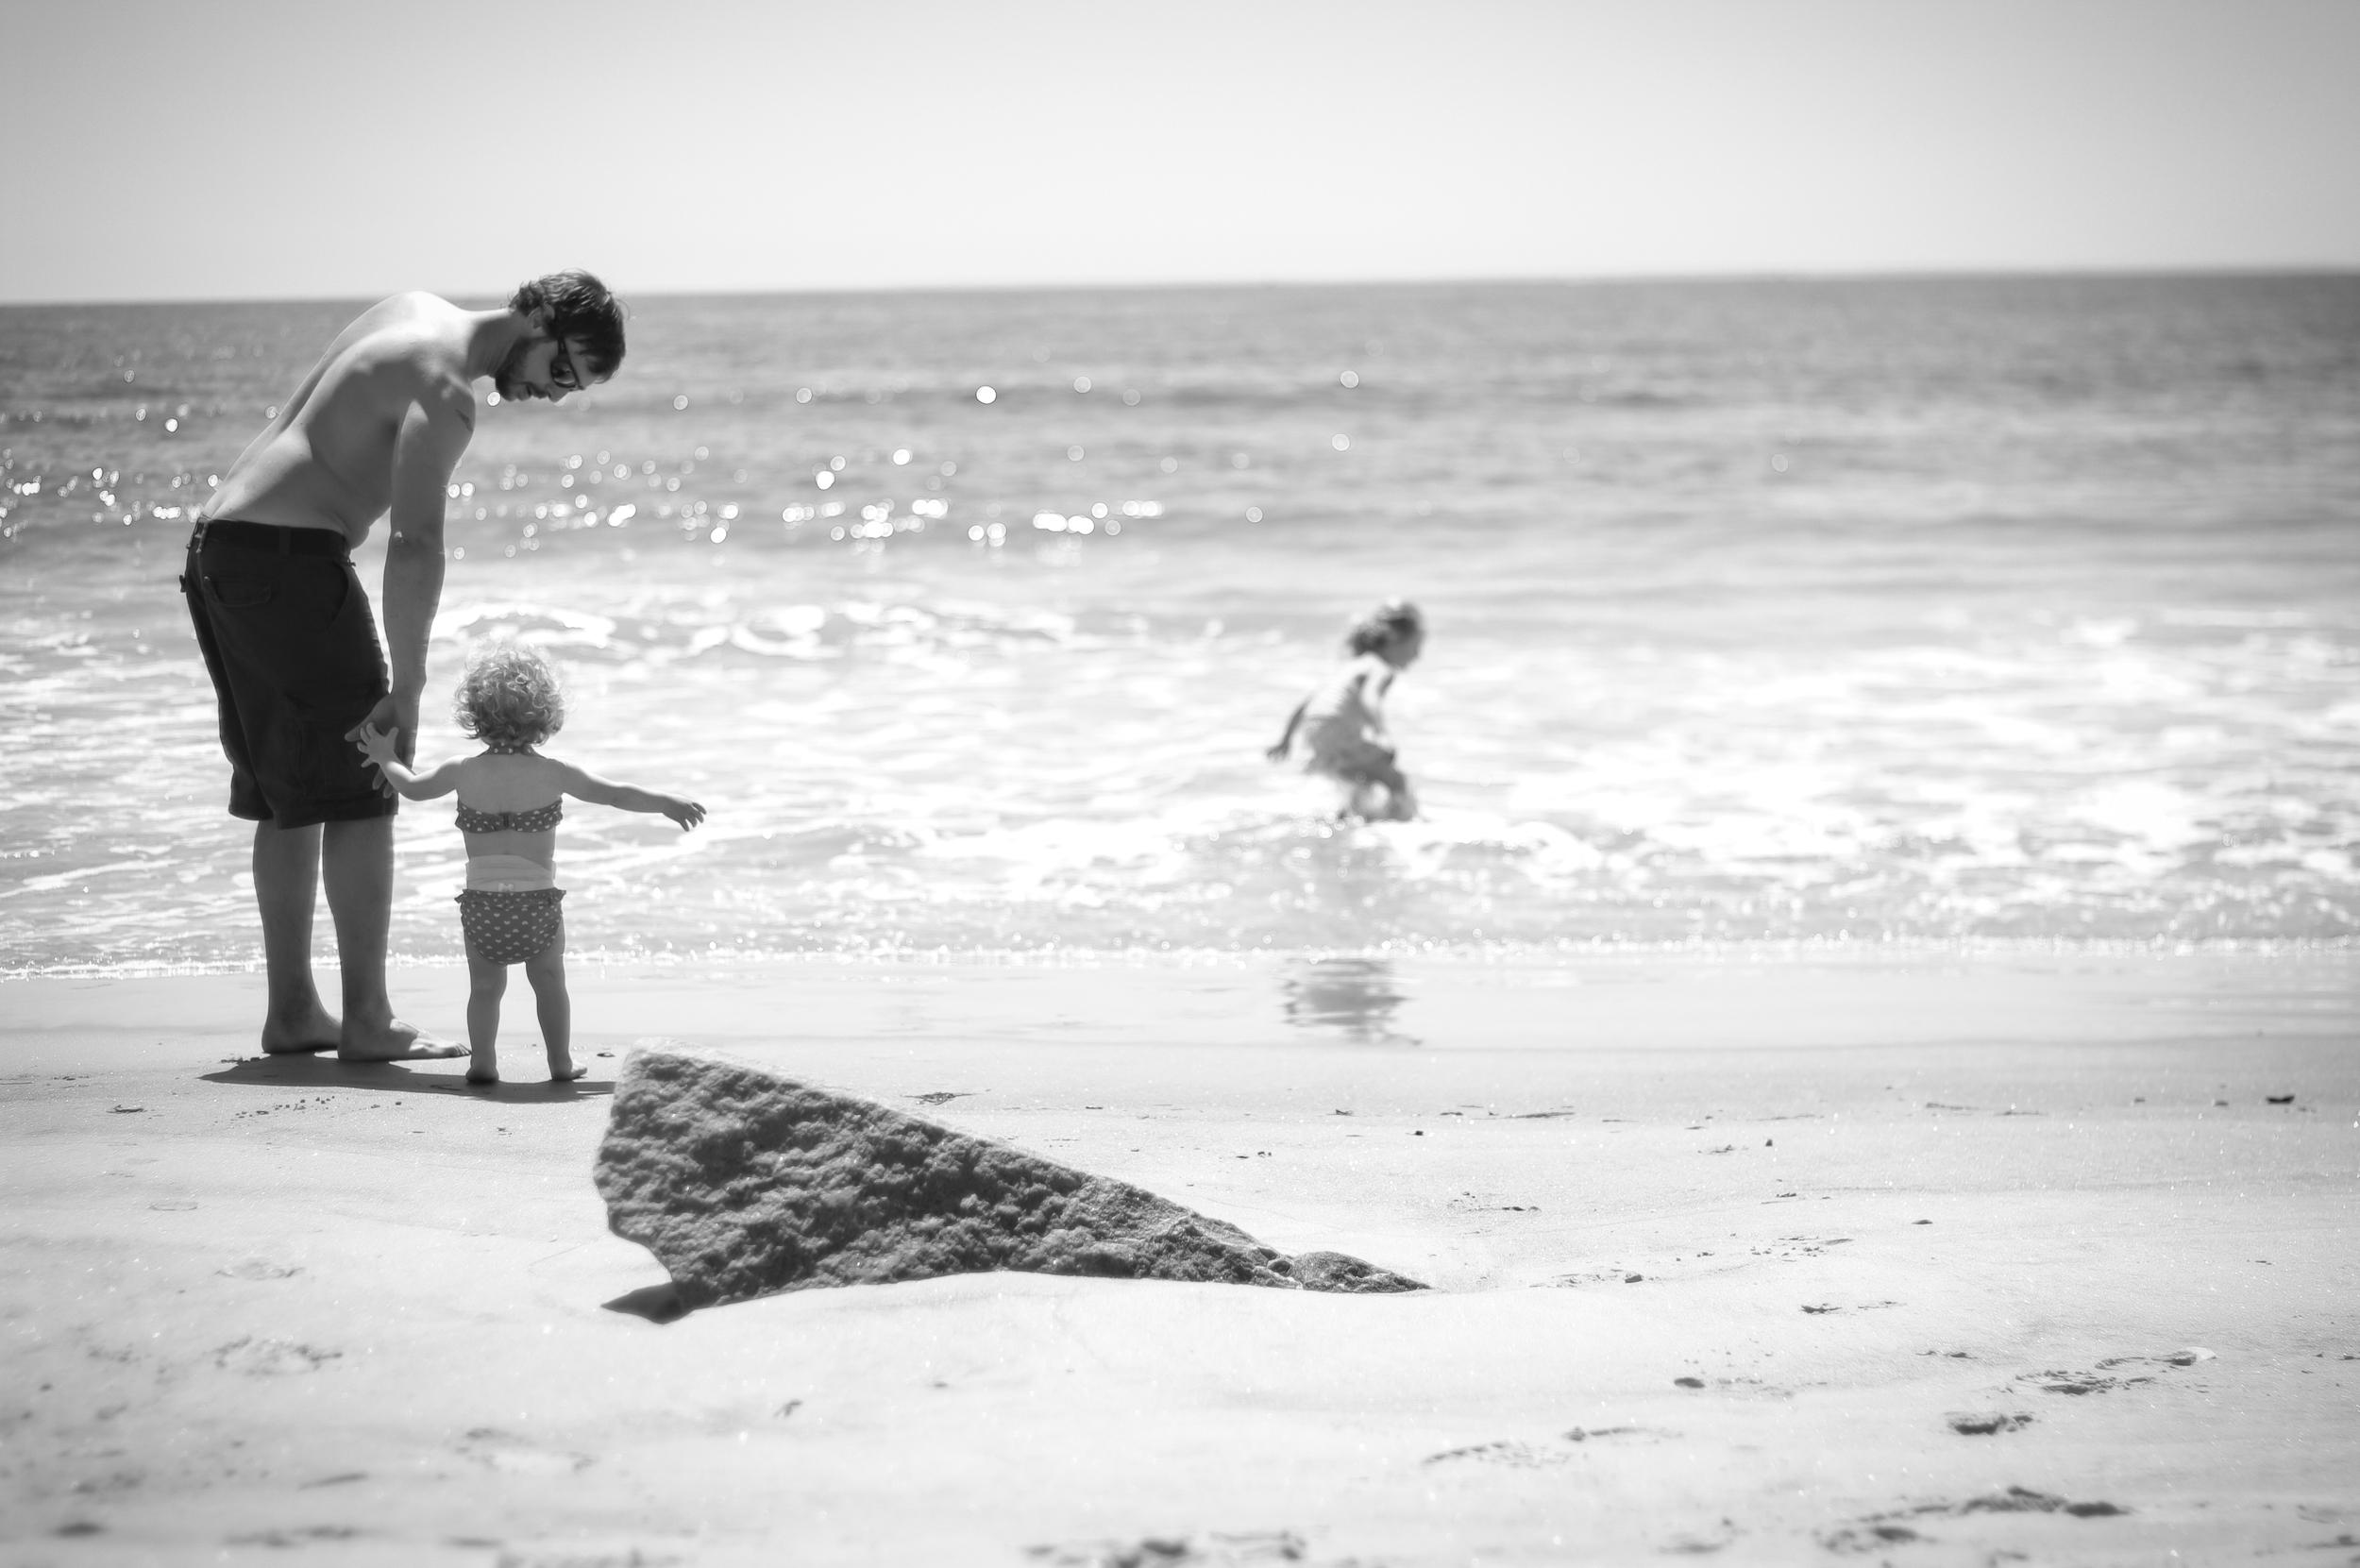 beachday-300dpi-1304